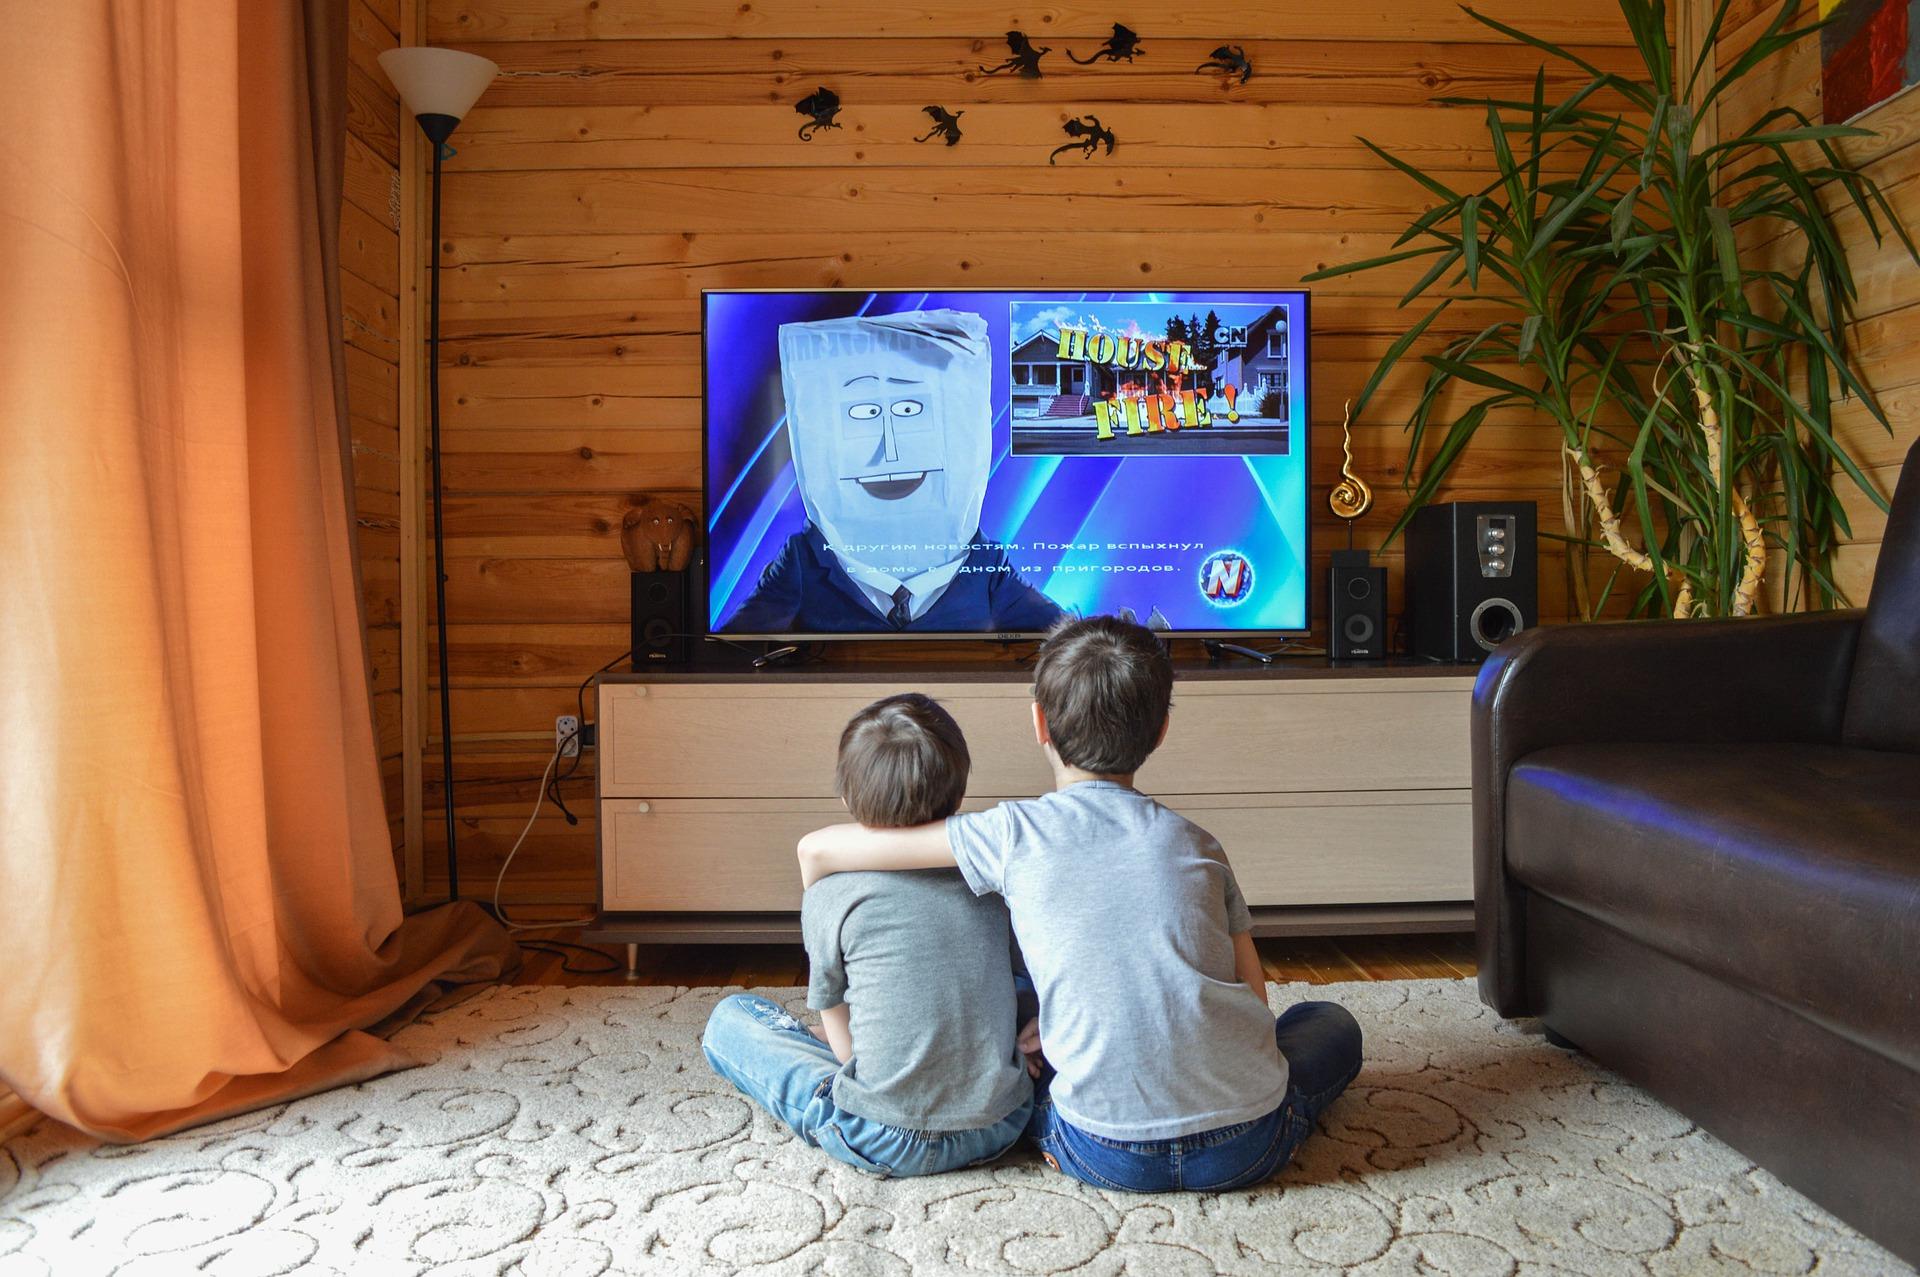 Imagem mostra duas crianças sentadas no chão assistindo a uma grande televisão